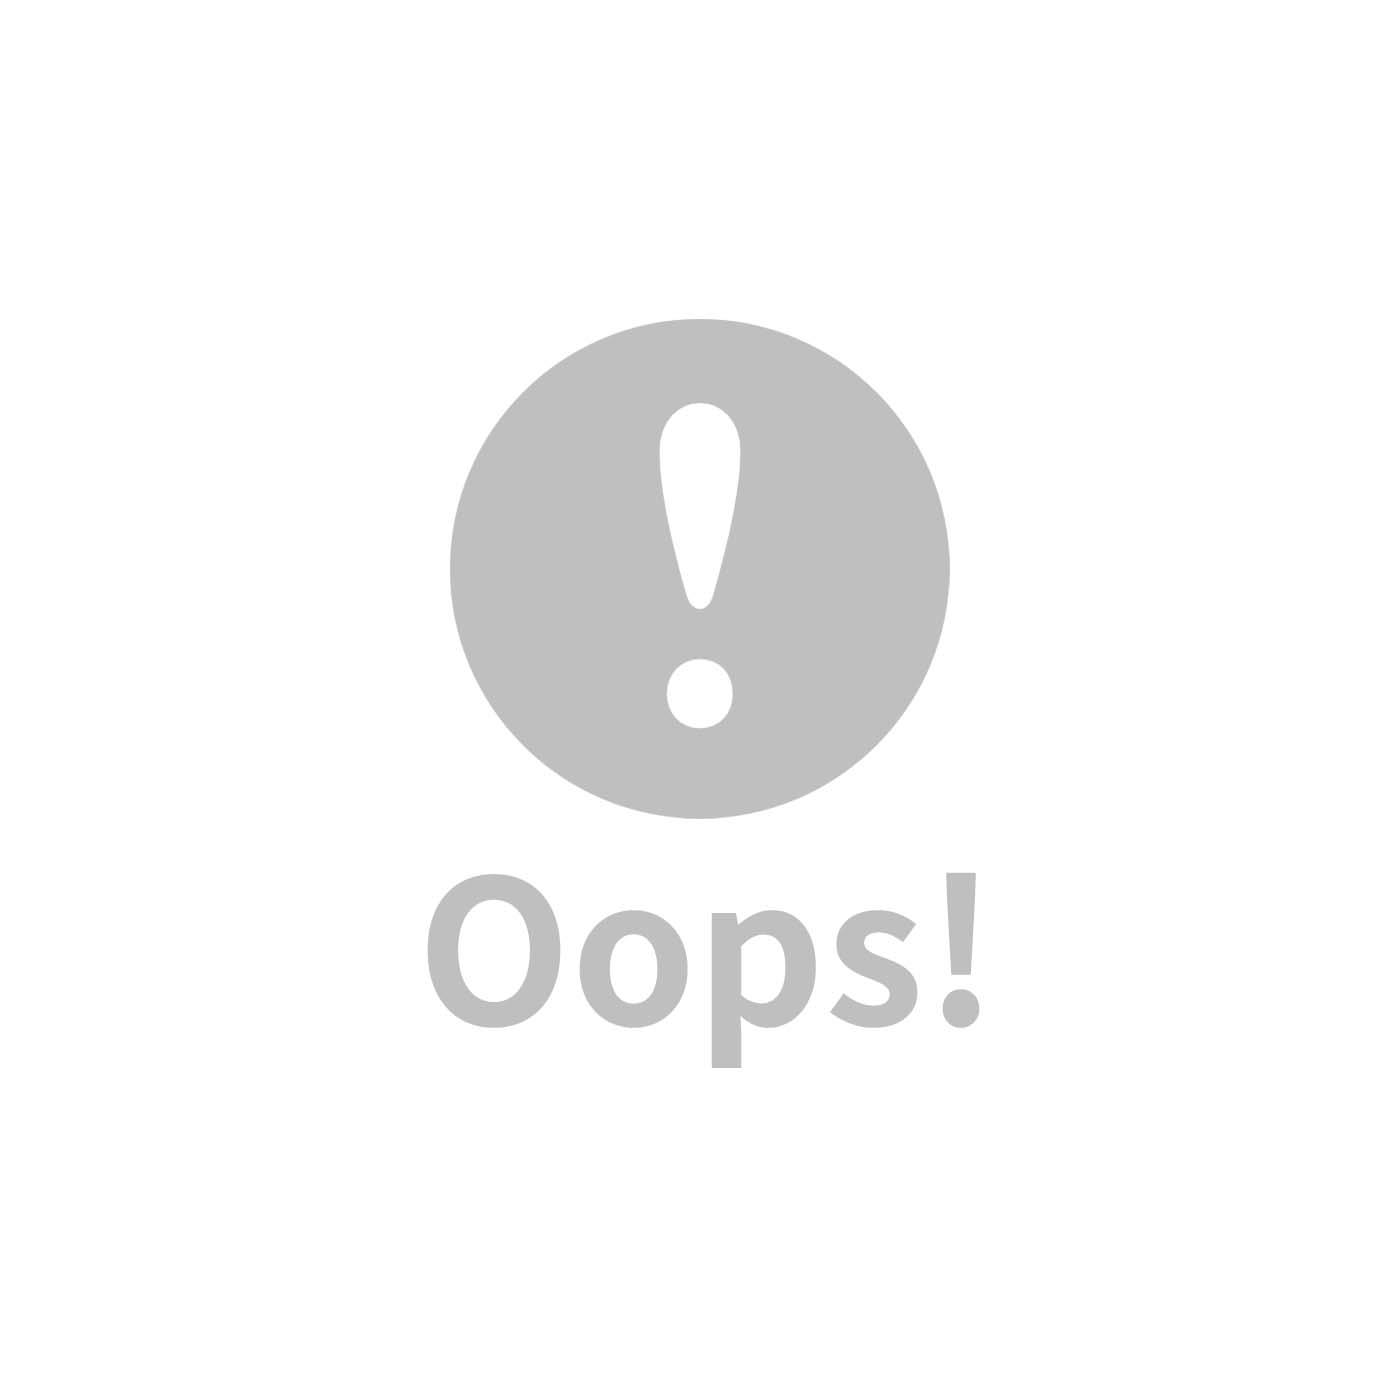 【2020限定聯名款】La Millou 包巾-竹纖涼感巾(加大)_140x110cm-Hello Kitty夏日蜜果篇